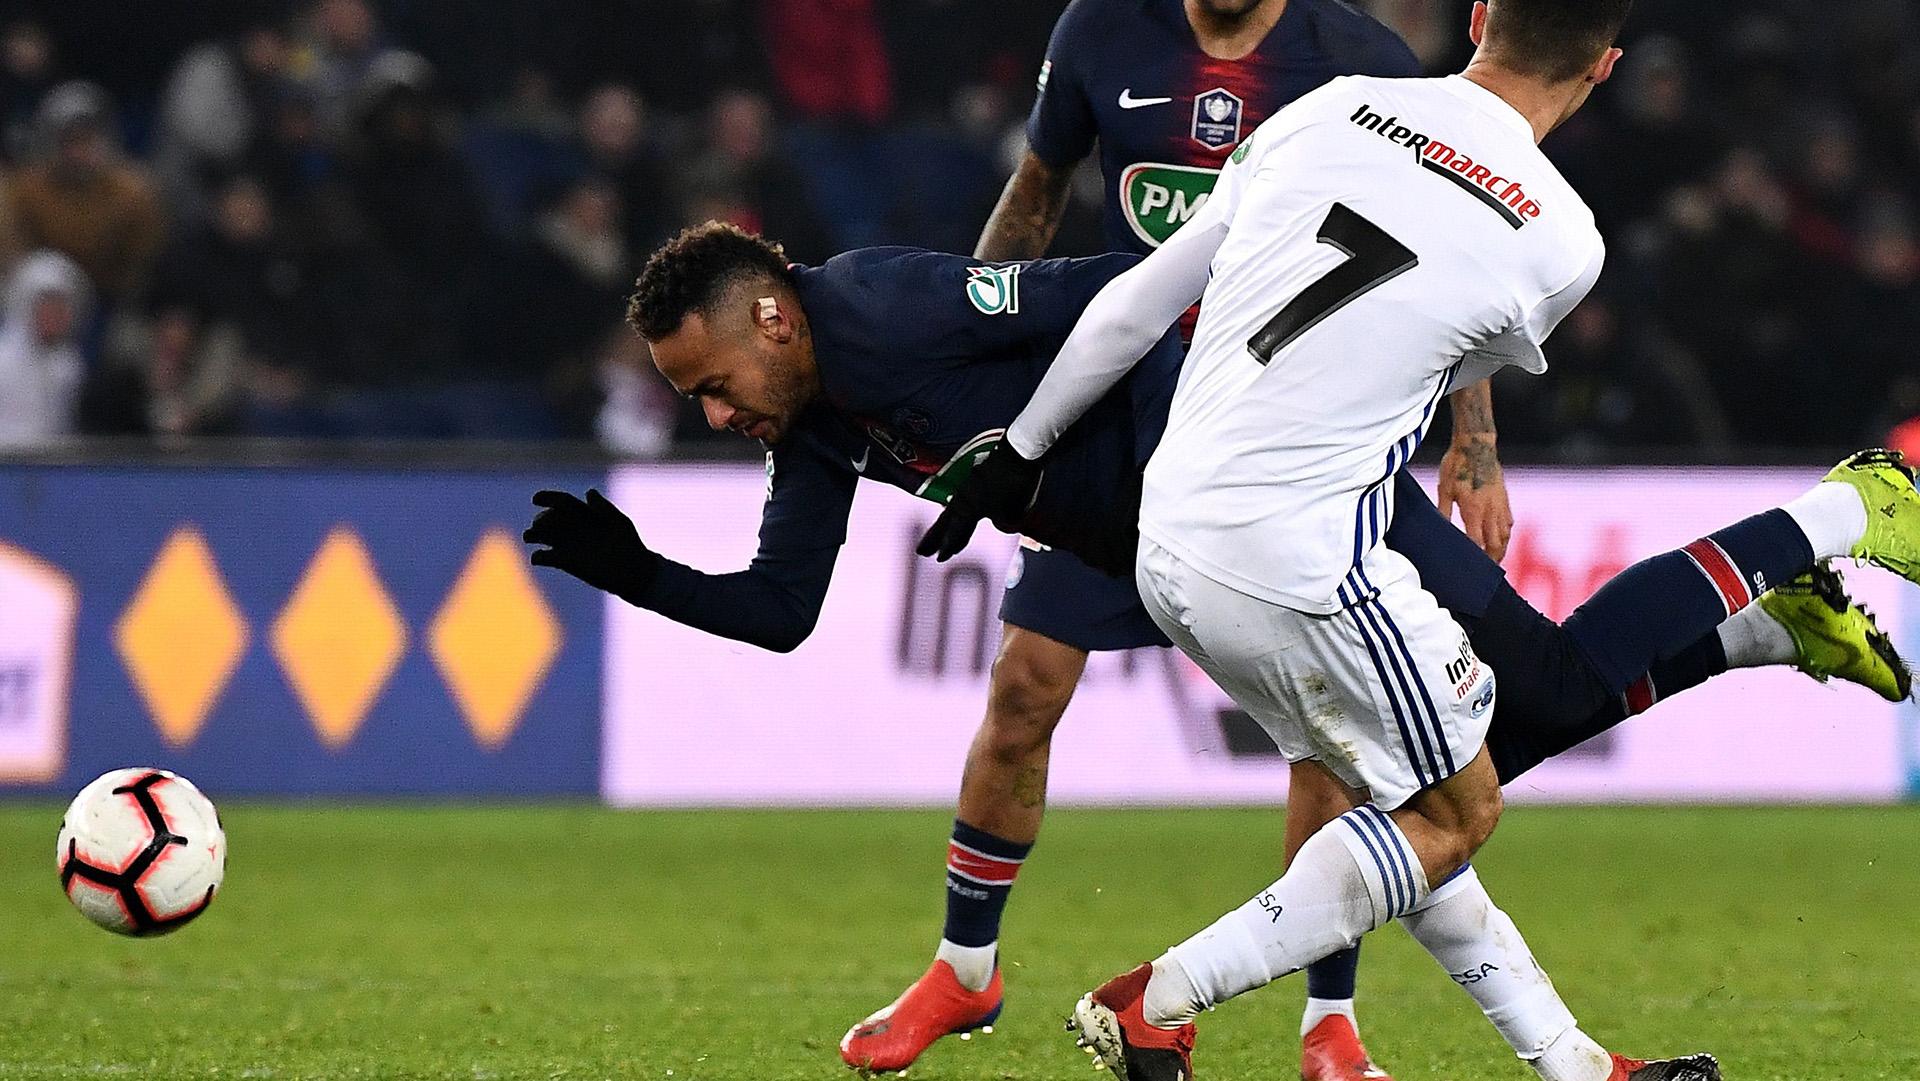 Por Que Neymar Não Está Jogando Contra O Manchester United